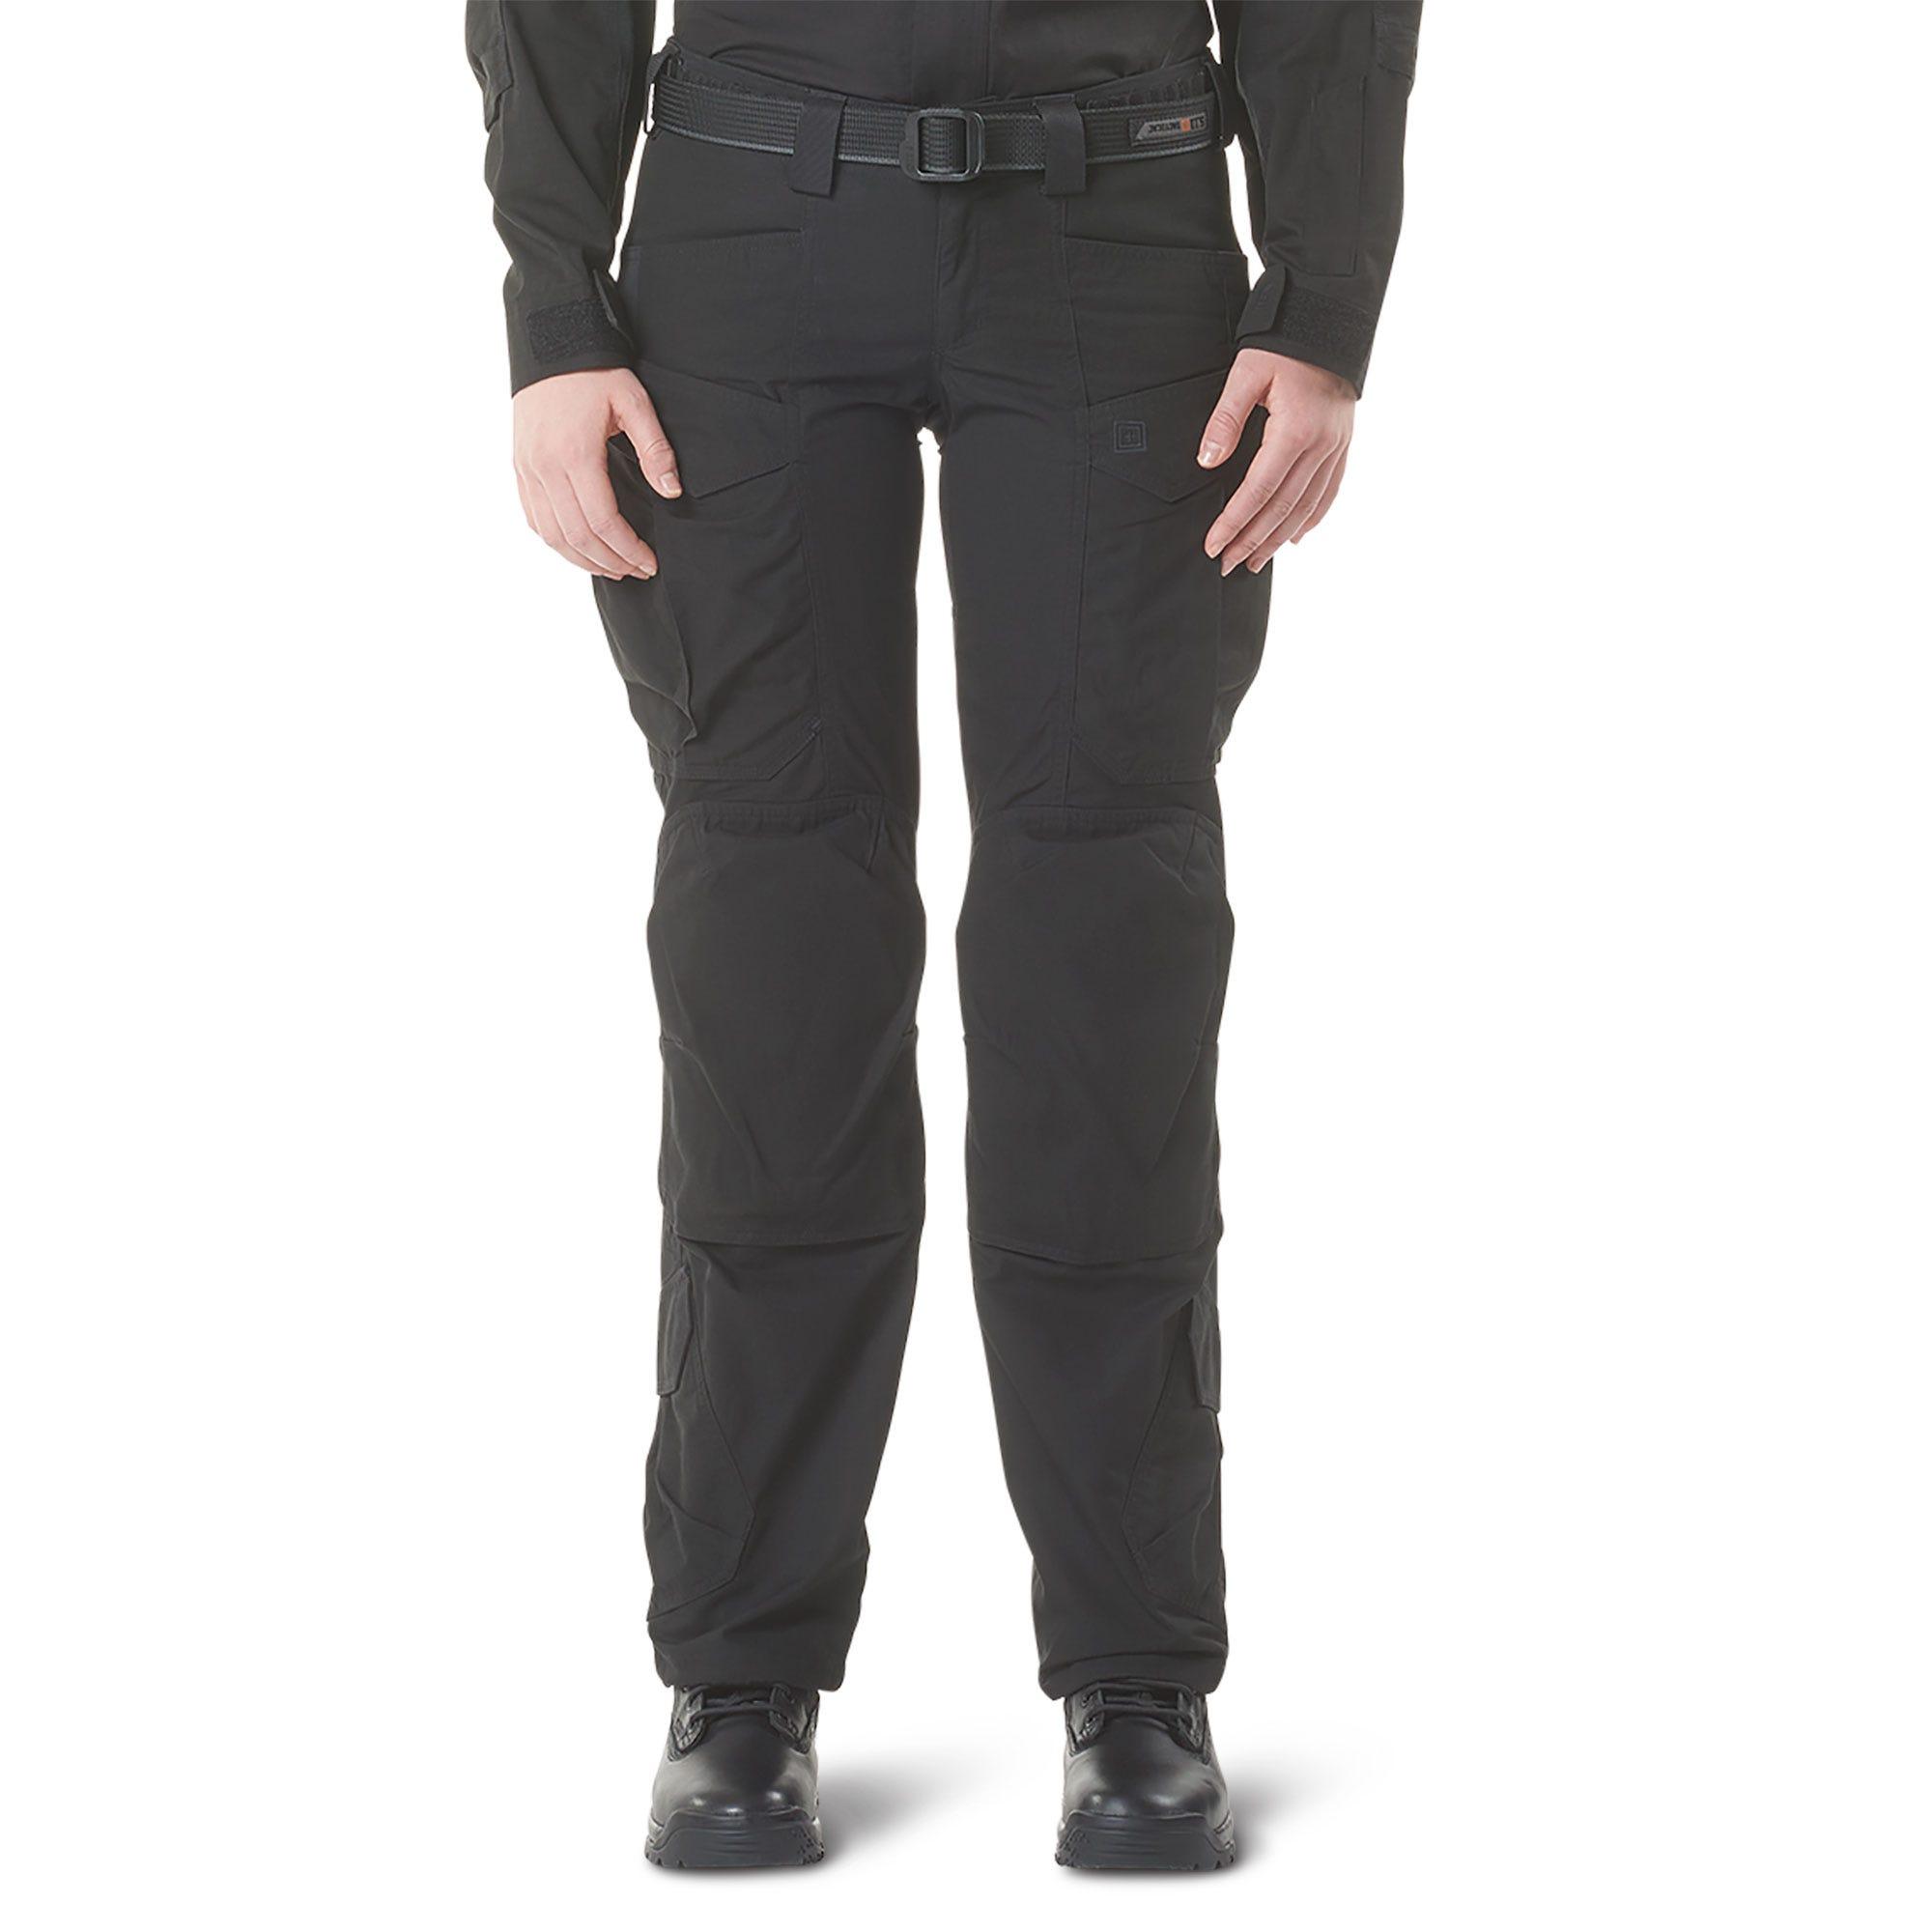 Women s EMS Uniform Pants - 5.11 Tactical acc833687fdc